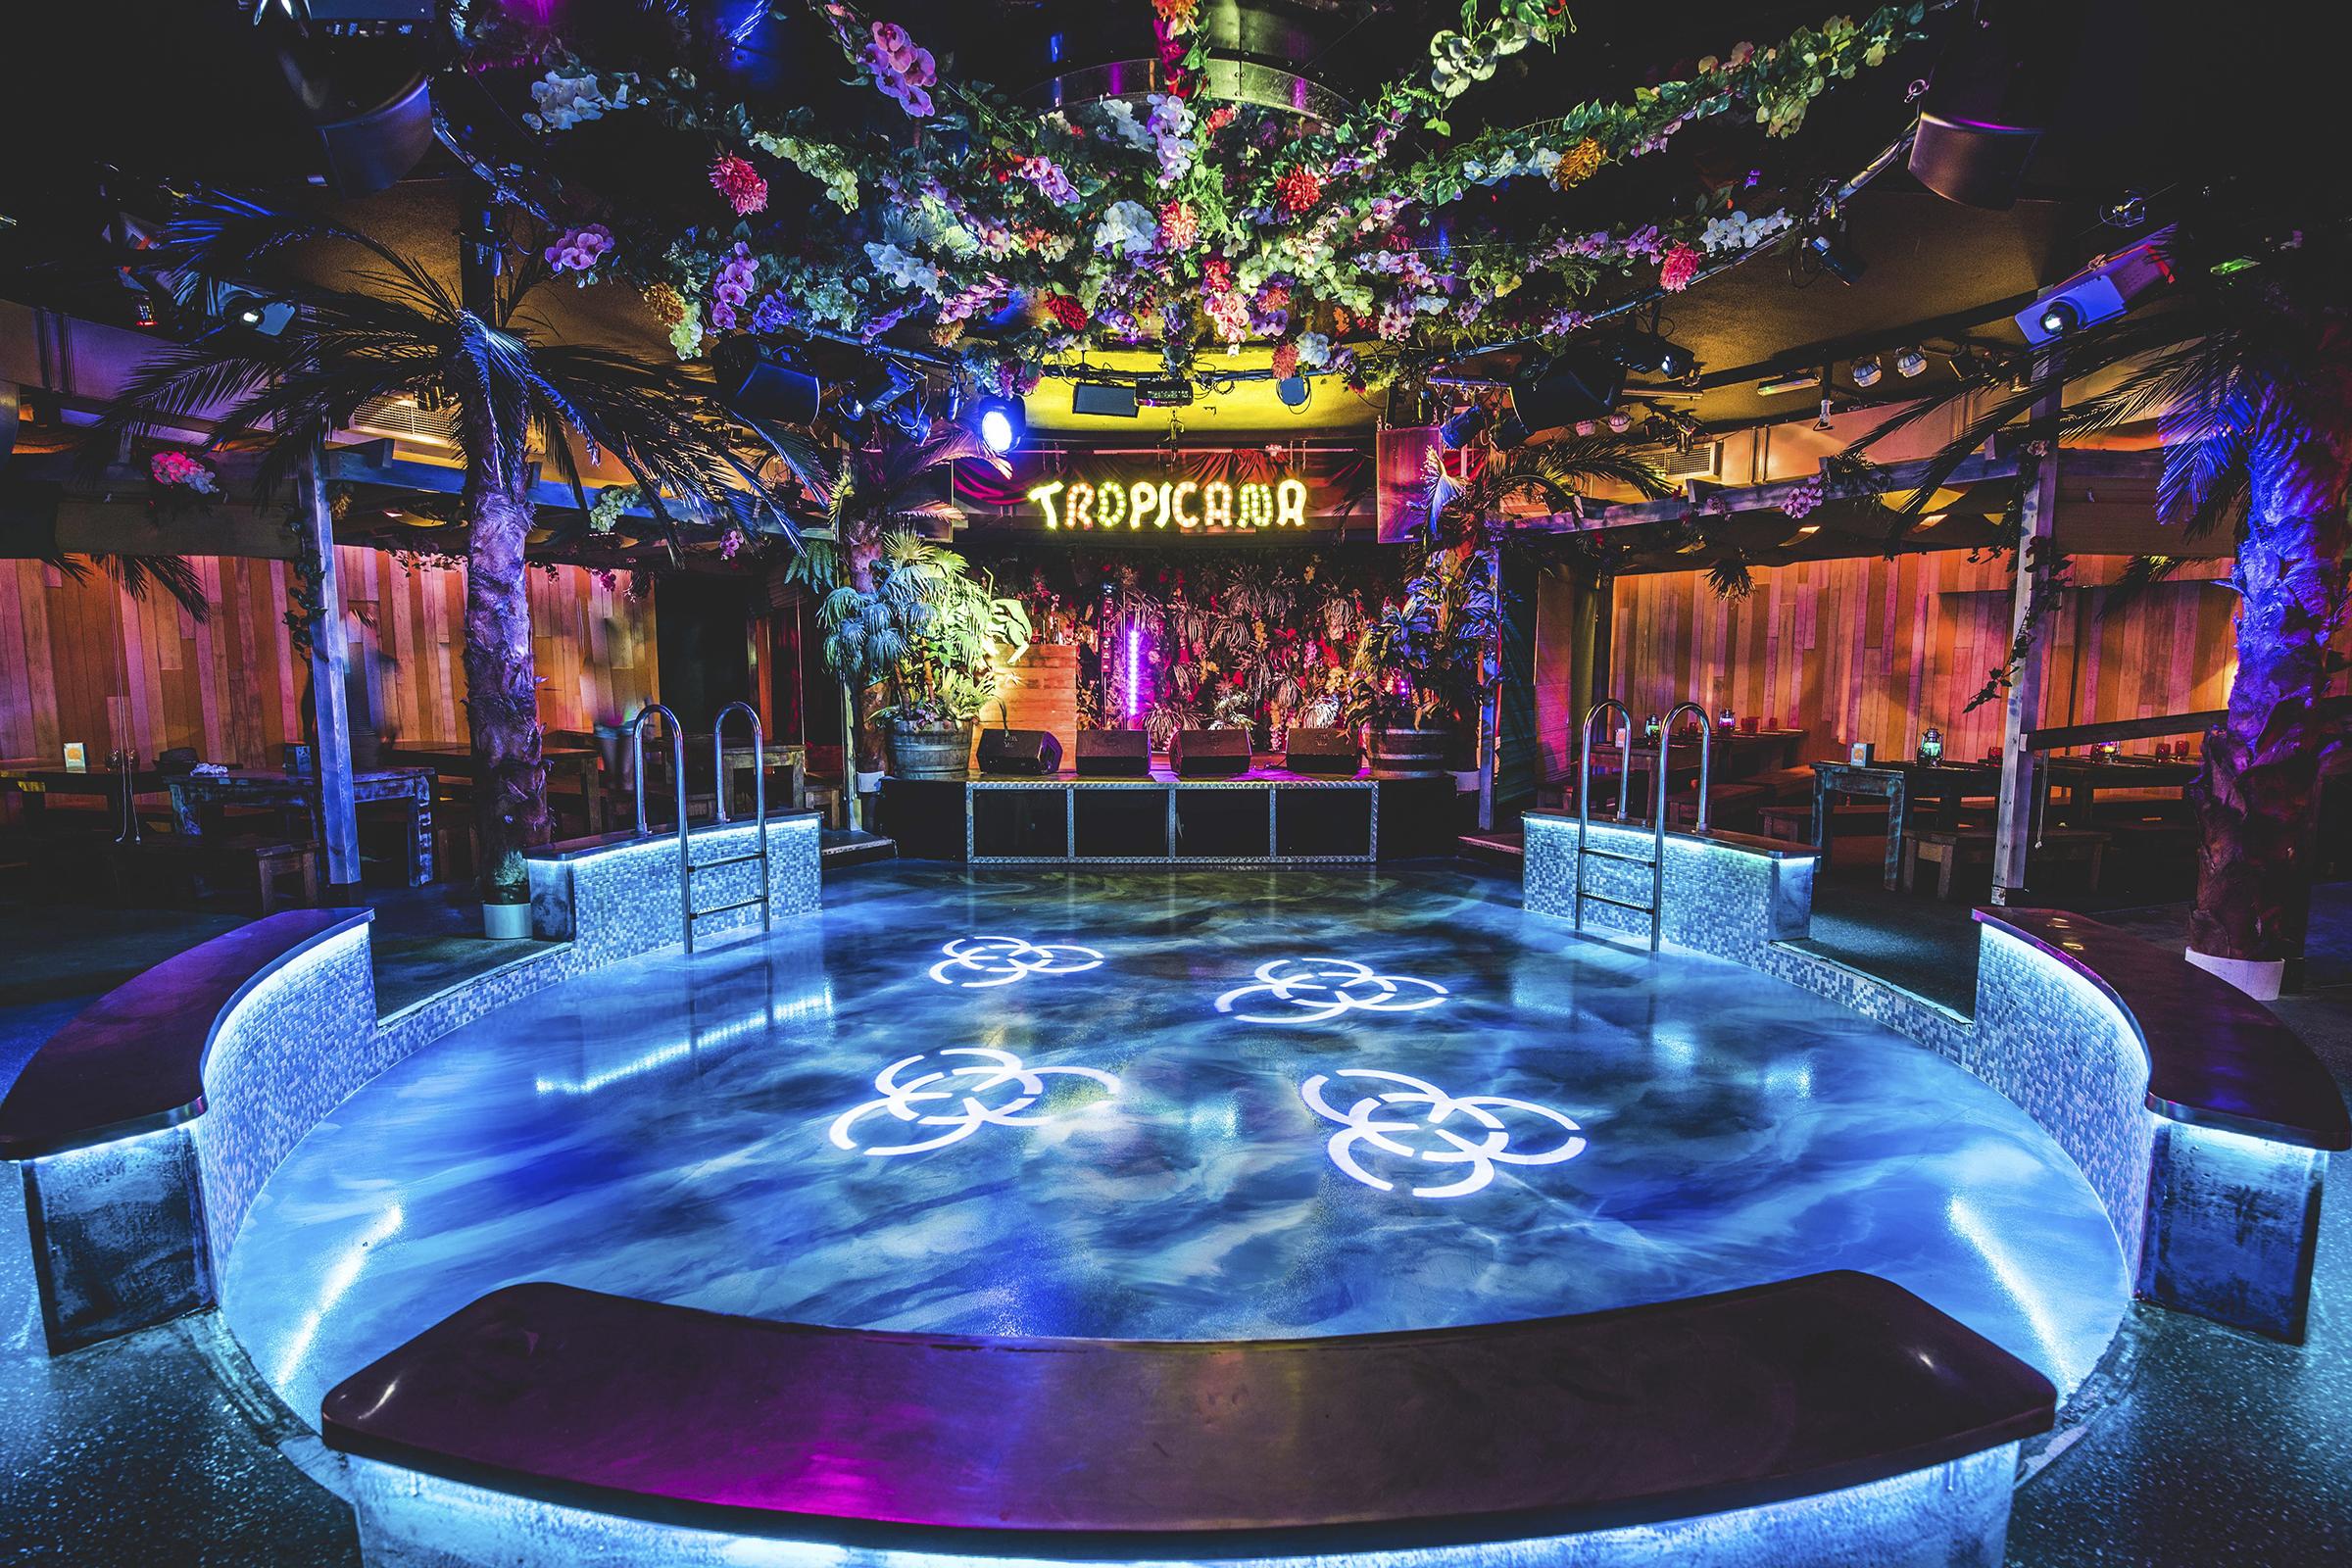 Interior shot at Club Tropicana